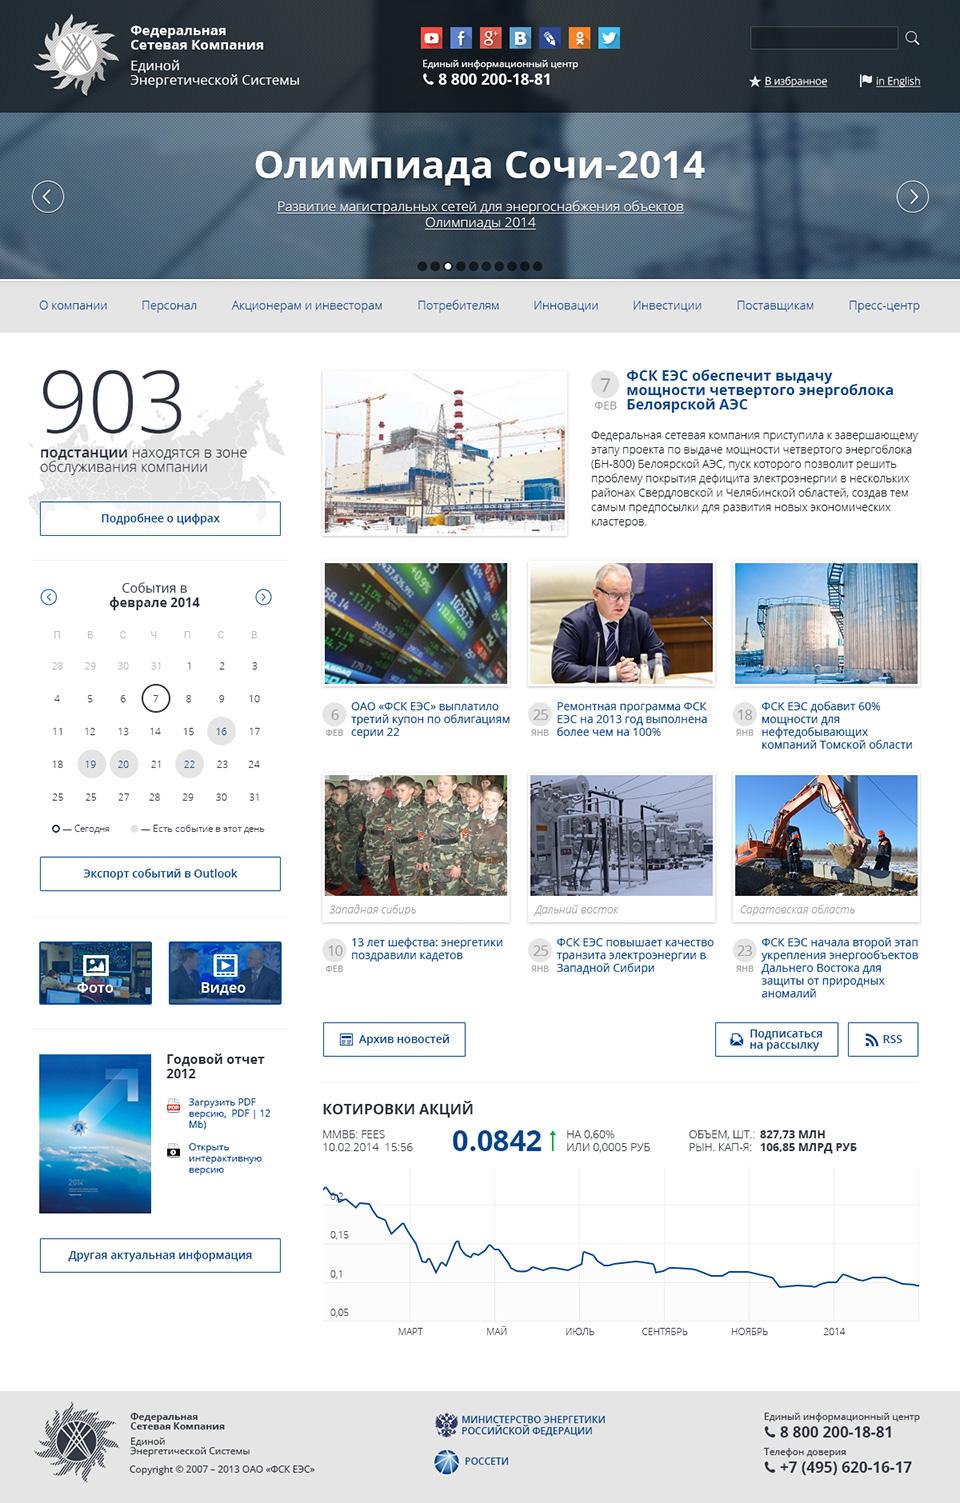 DigiTdesign.org — Федеральная Сетевая Компания Единой Энергетической Системы, дизайн сайта